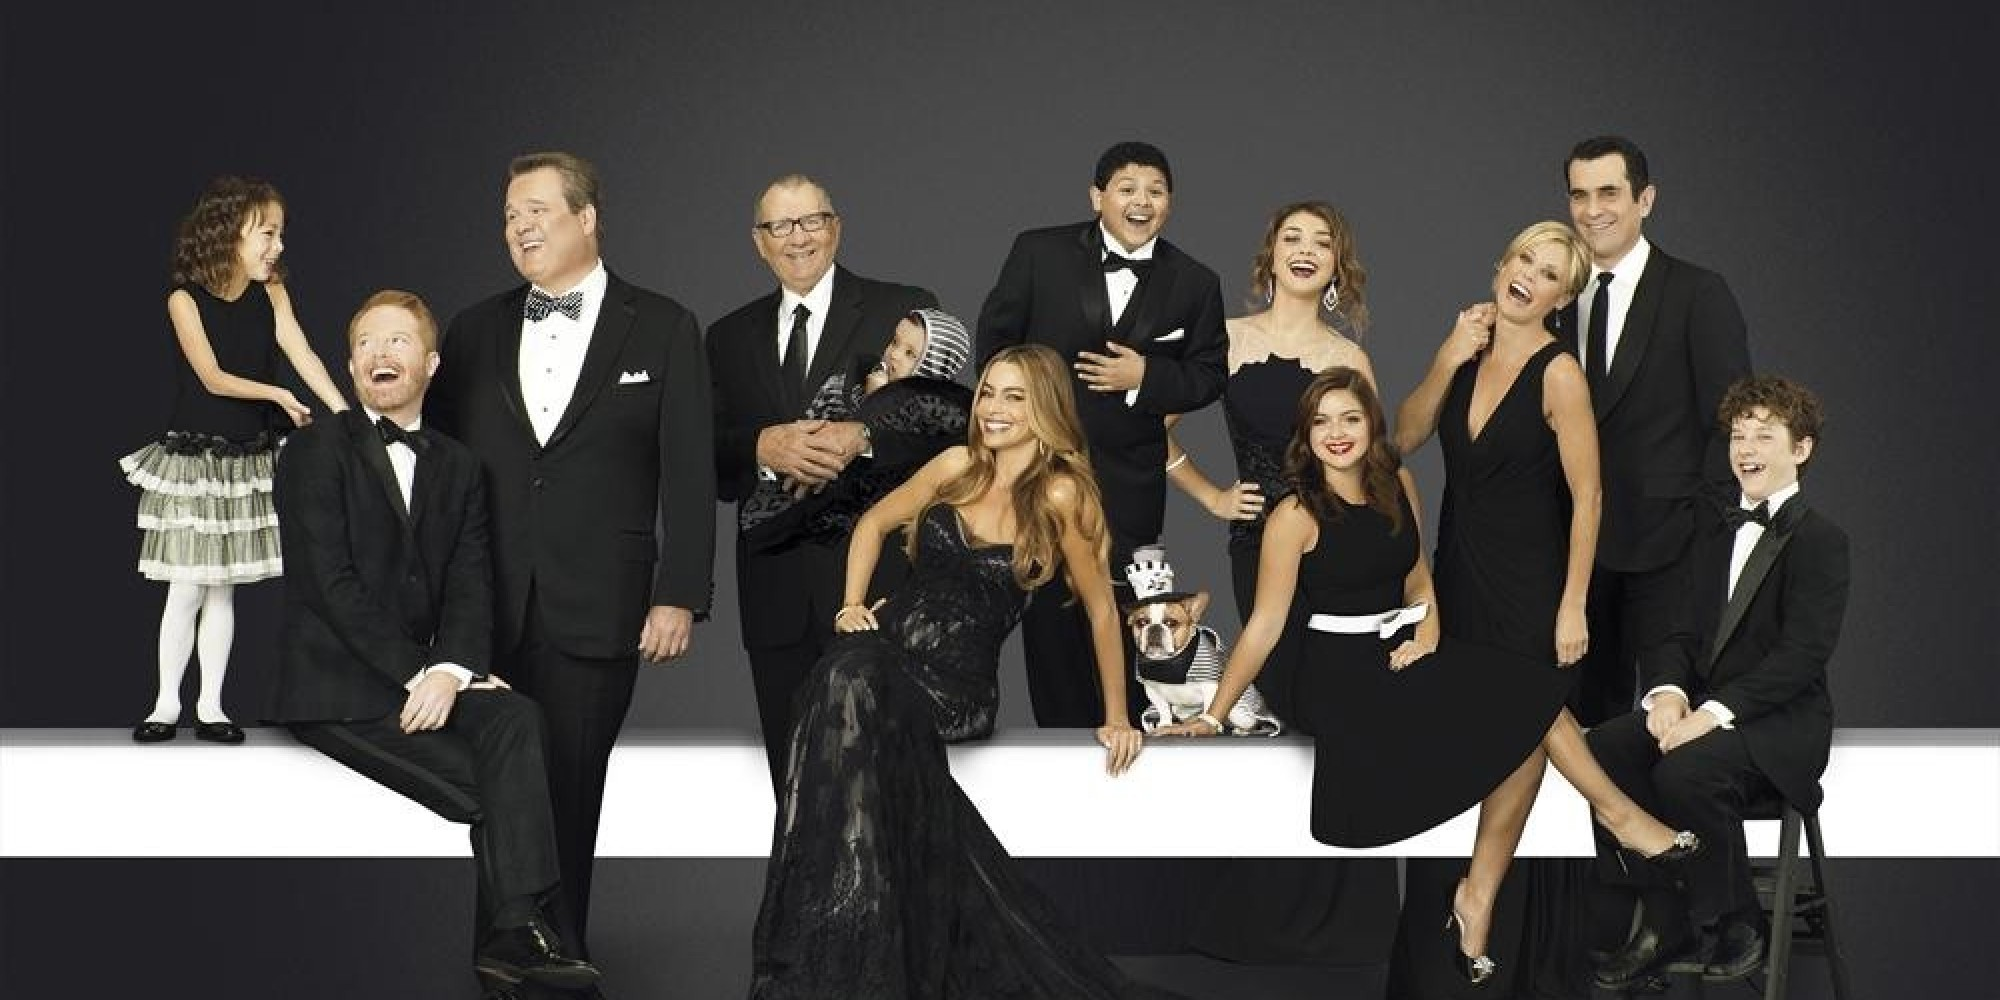 'Modern Family' Season 5 Premiere: Where We Left Off ...